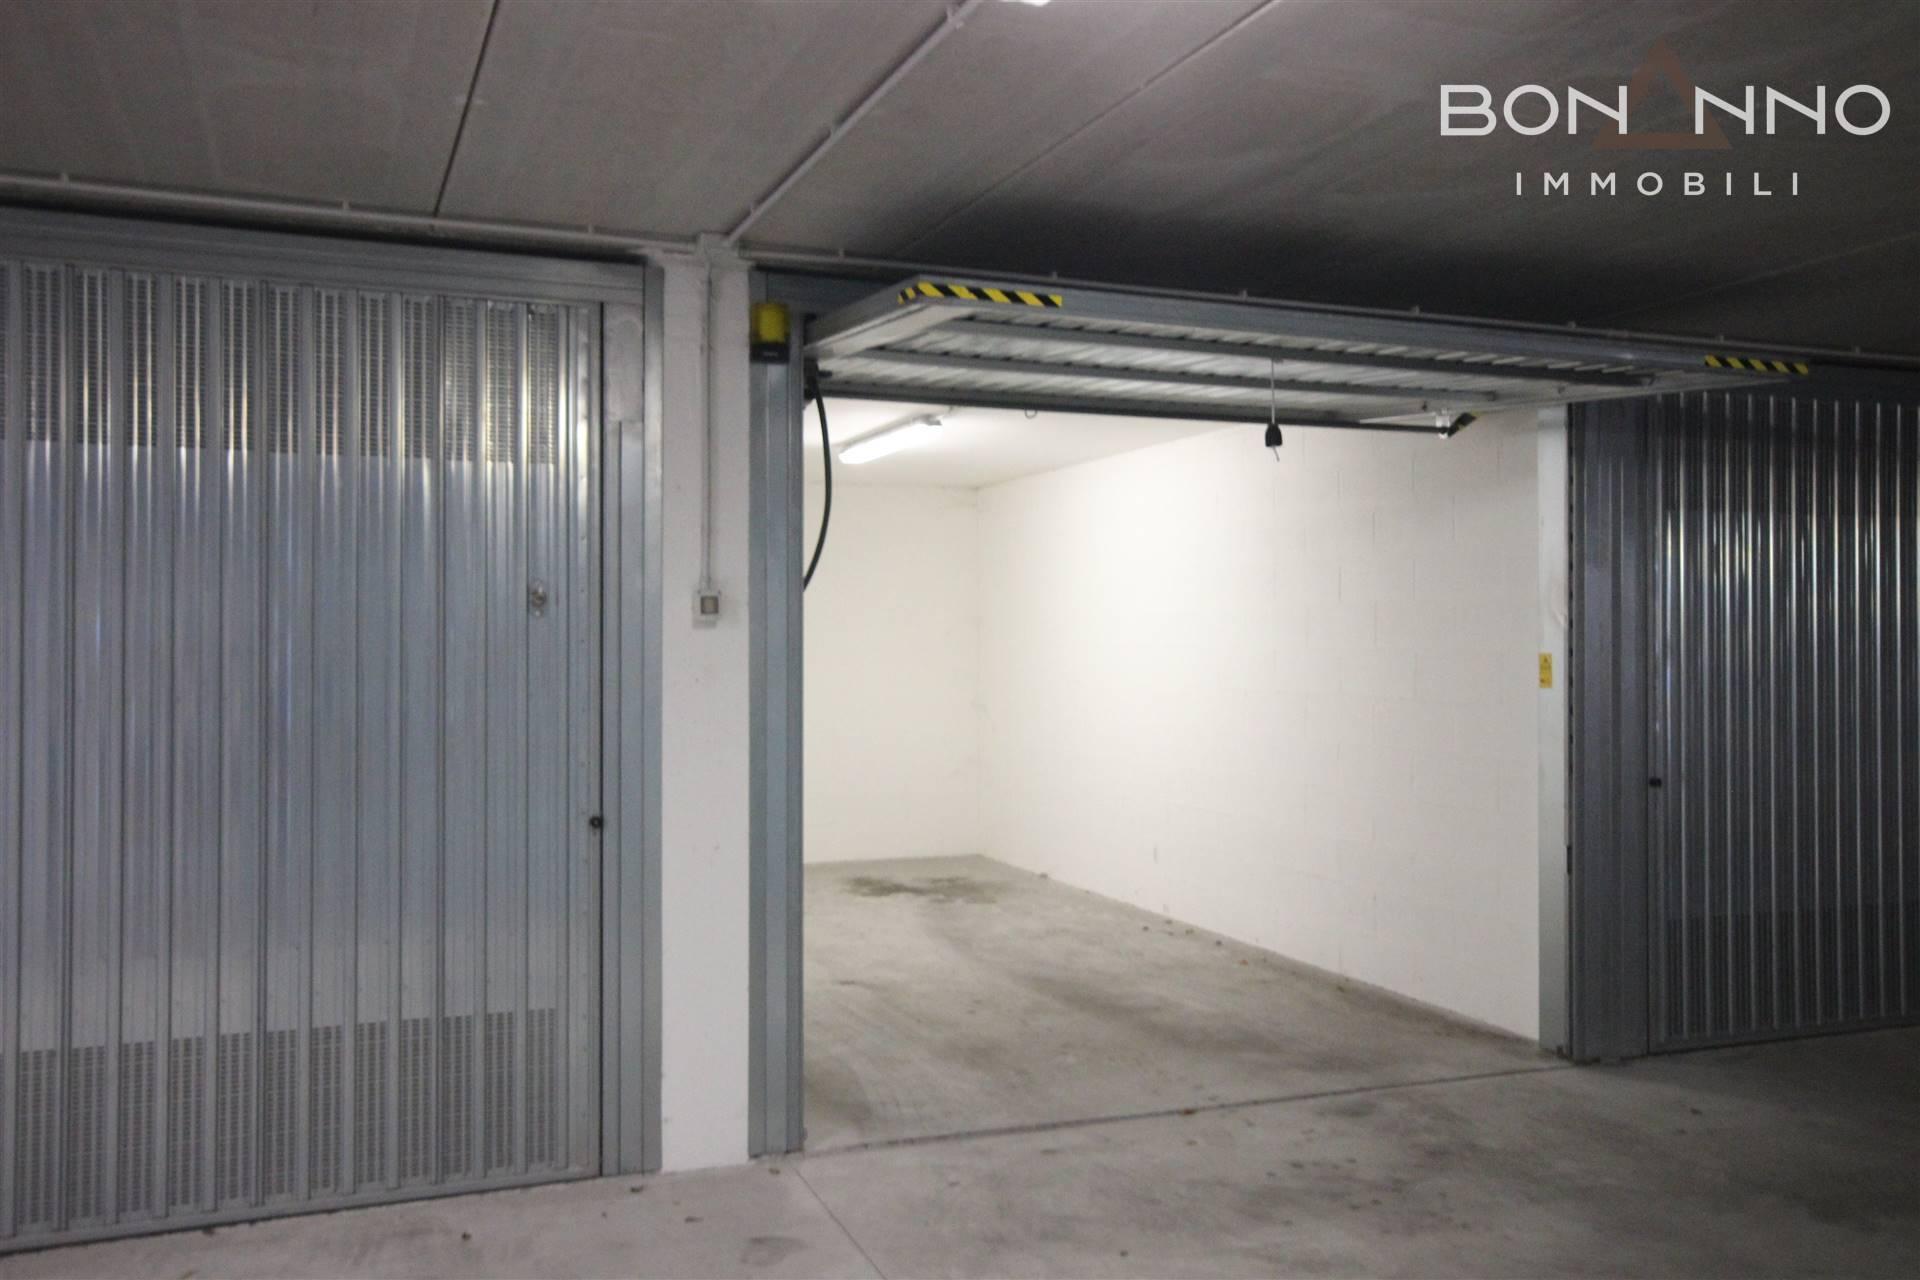 Box / Garage in vendita a Treviso, 1 locali, zona Località: Centrostorico, prezzo € 50.000 | CambioCasa.it